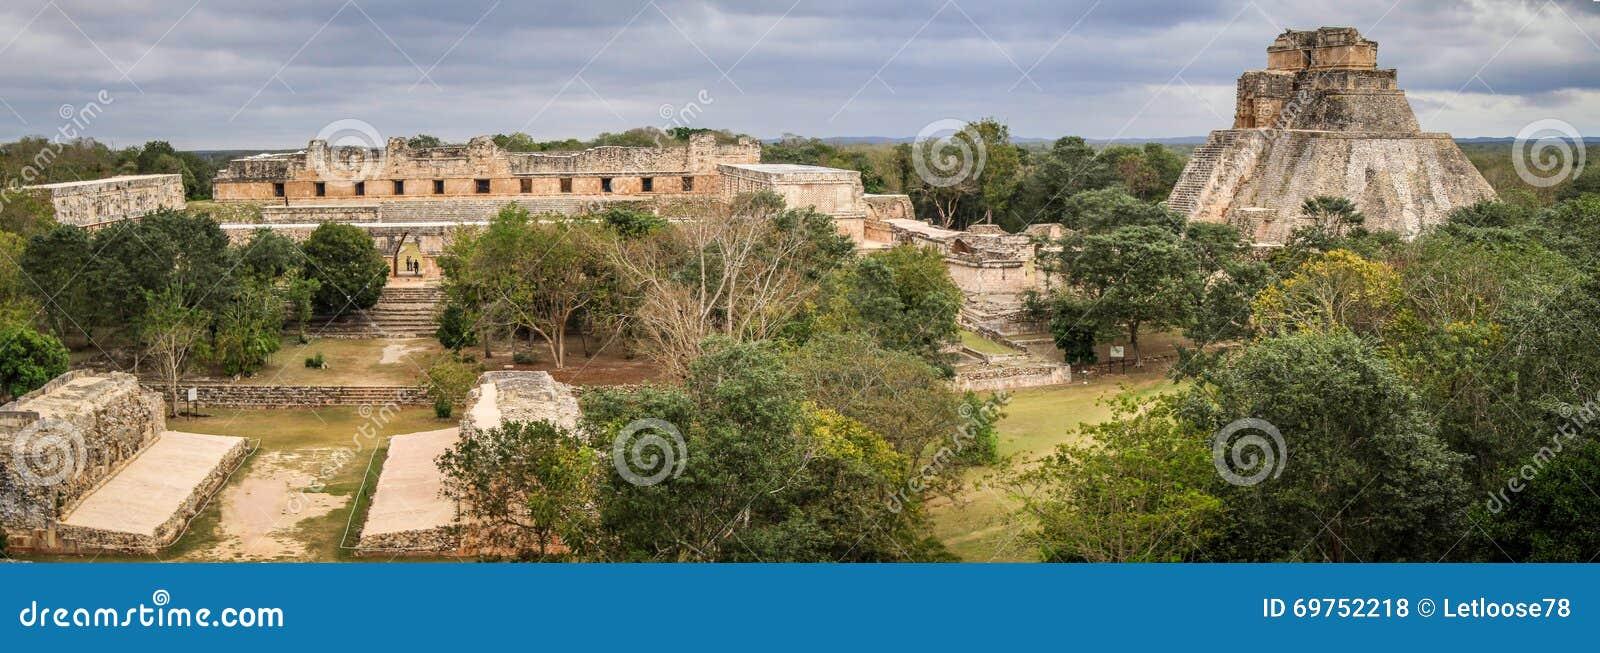 Panoramic view of Uxmal Ancient Maya city, Yucatan, Mexico